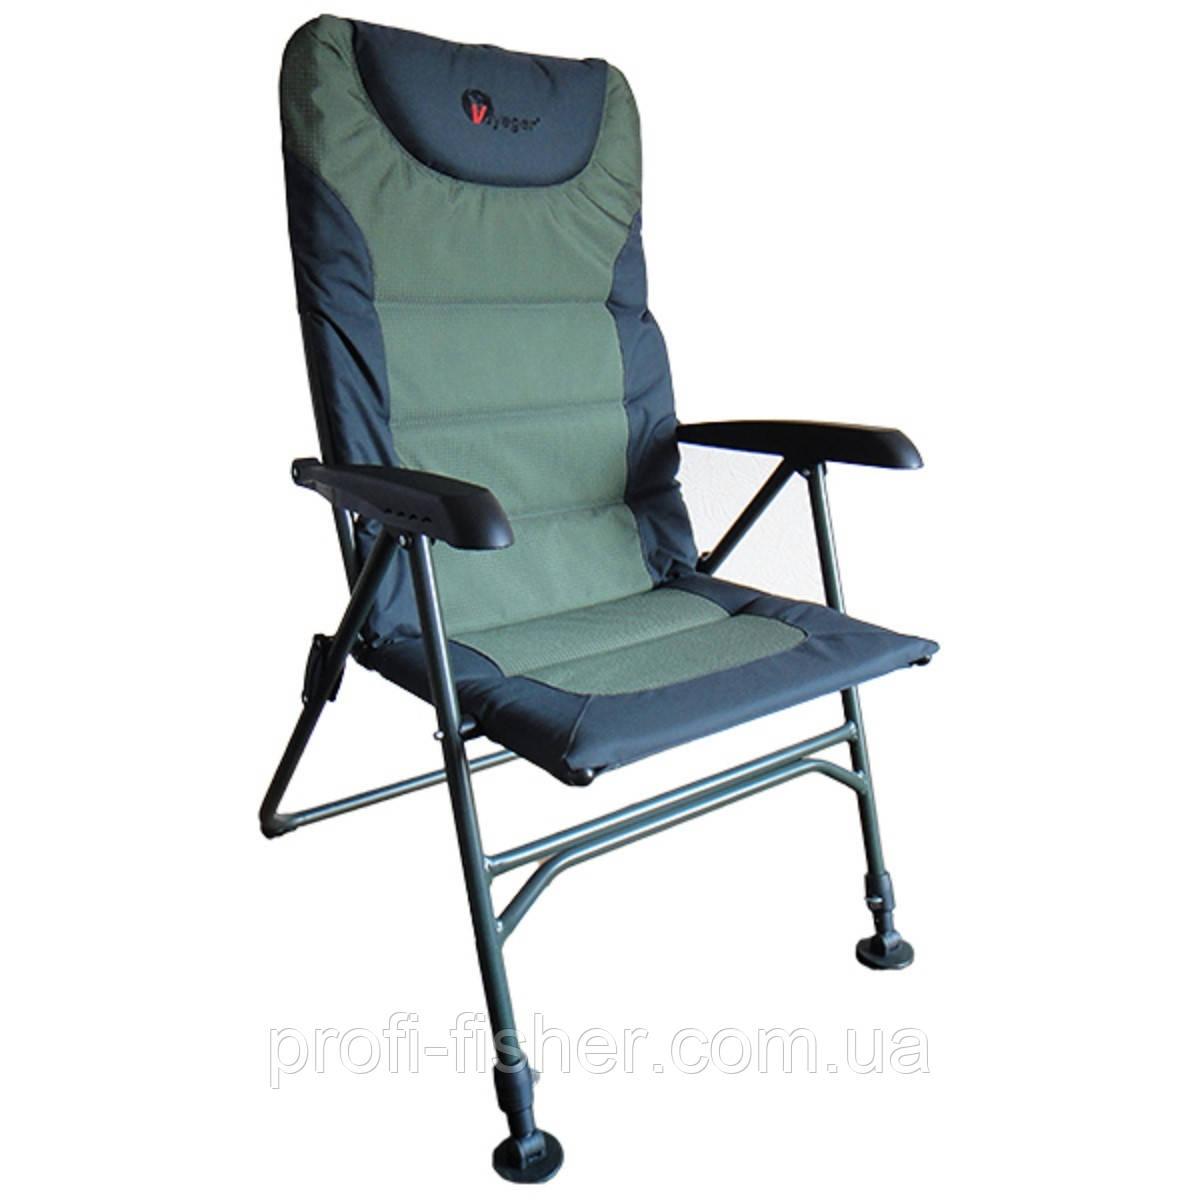 Кресло BD620-10050-6